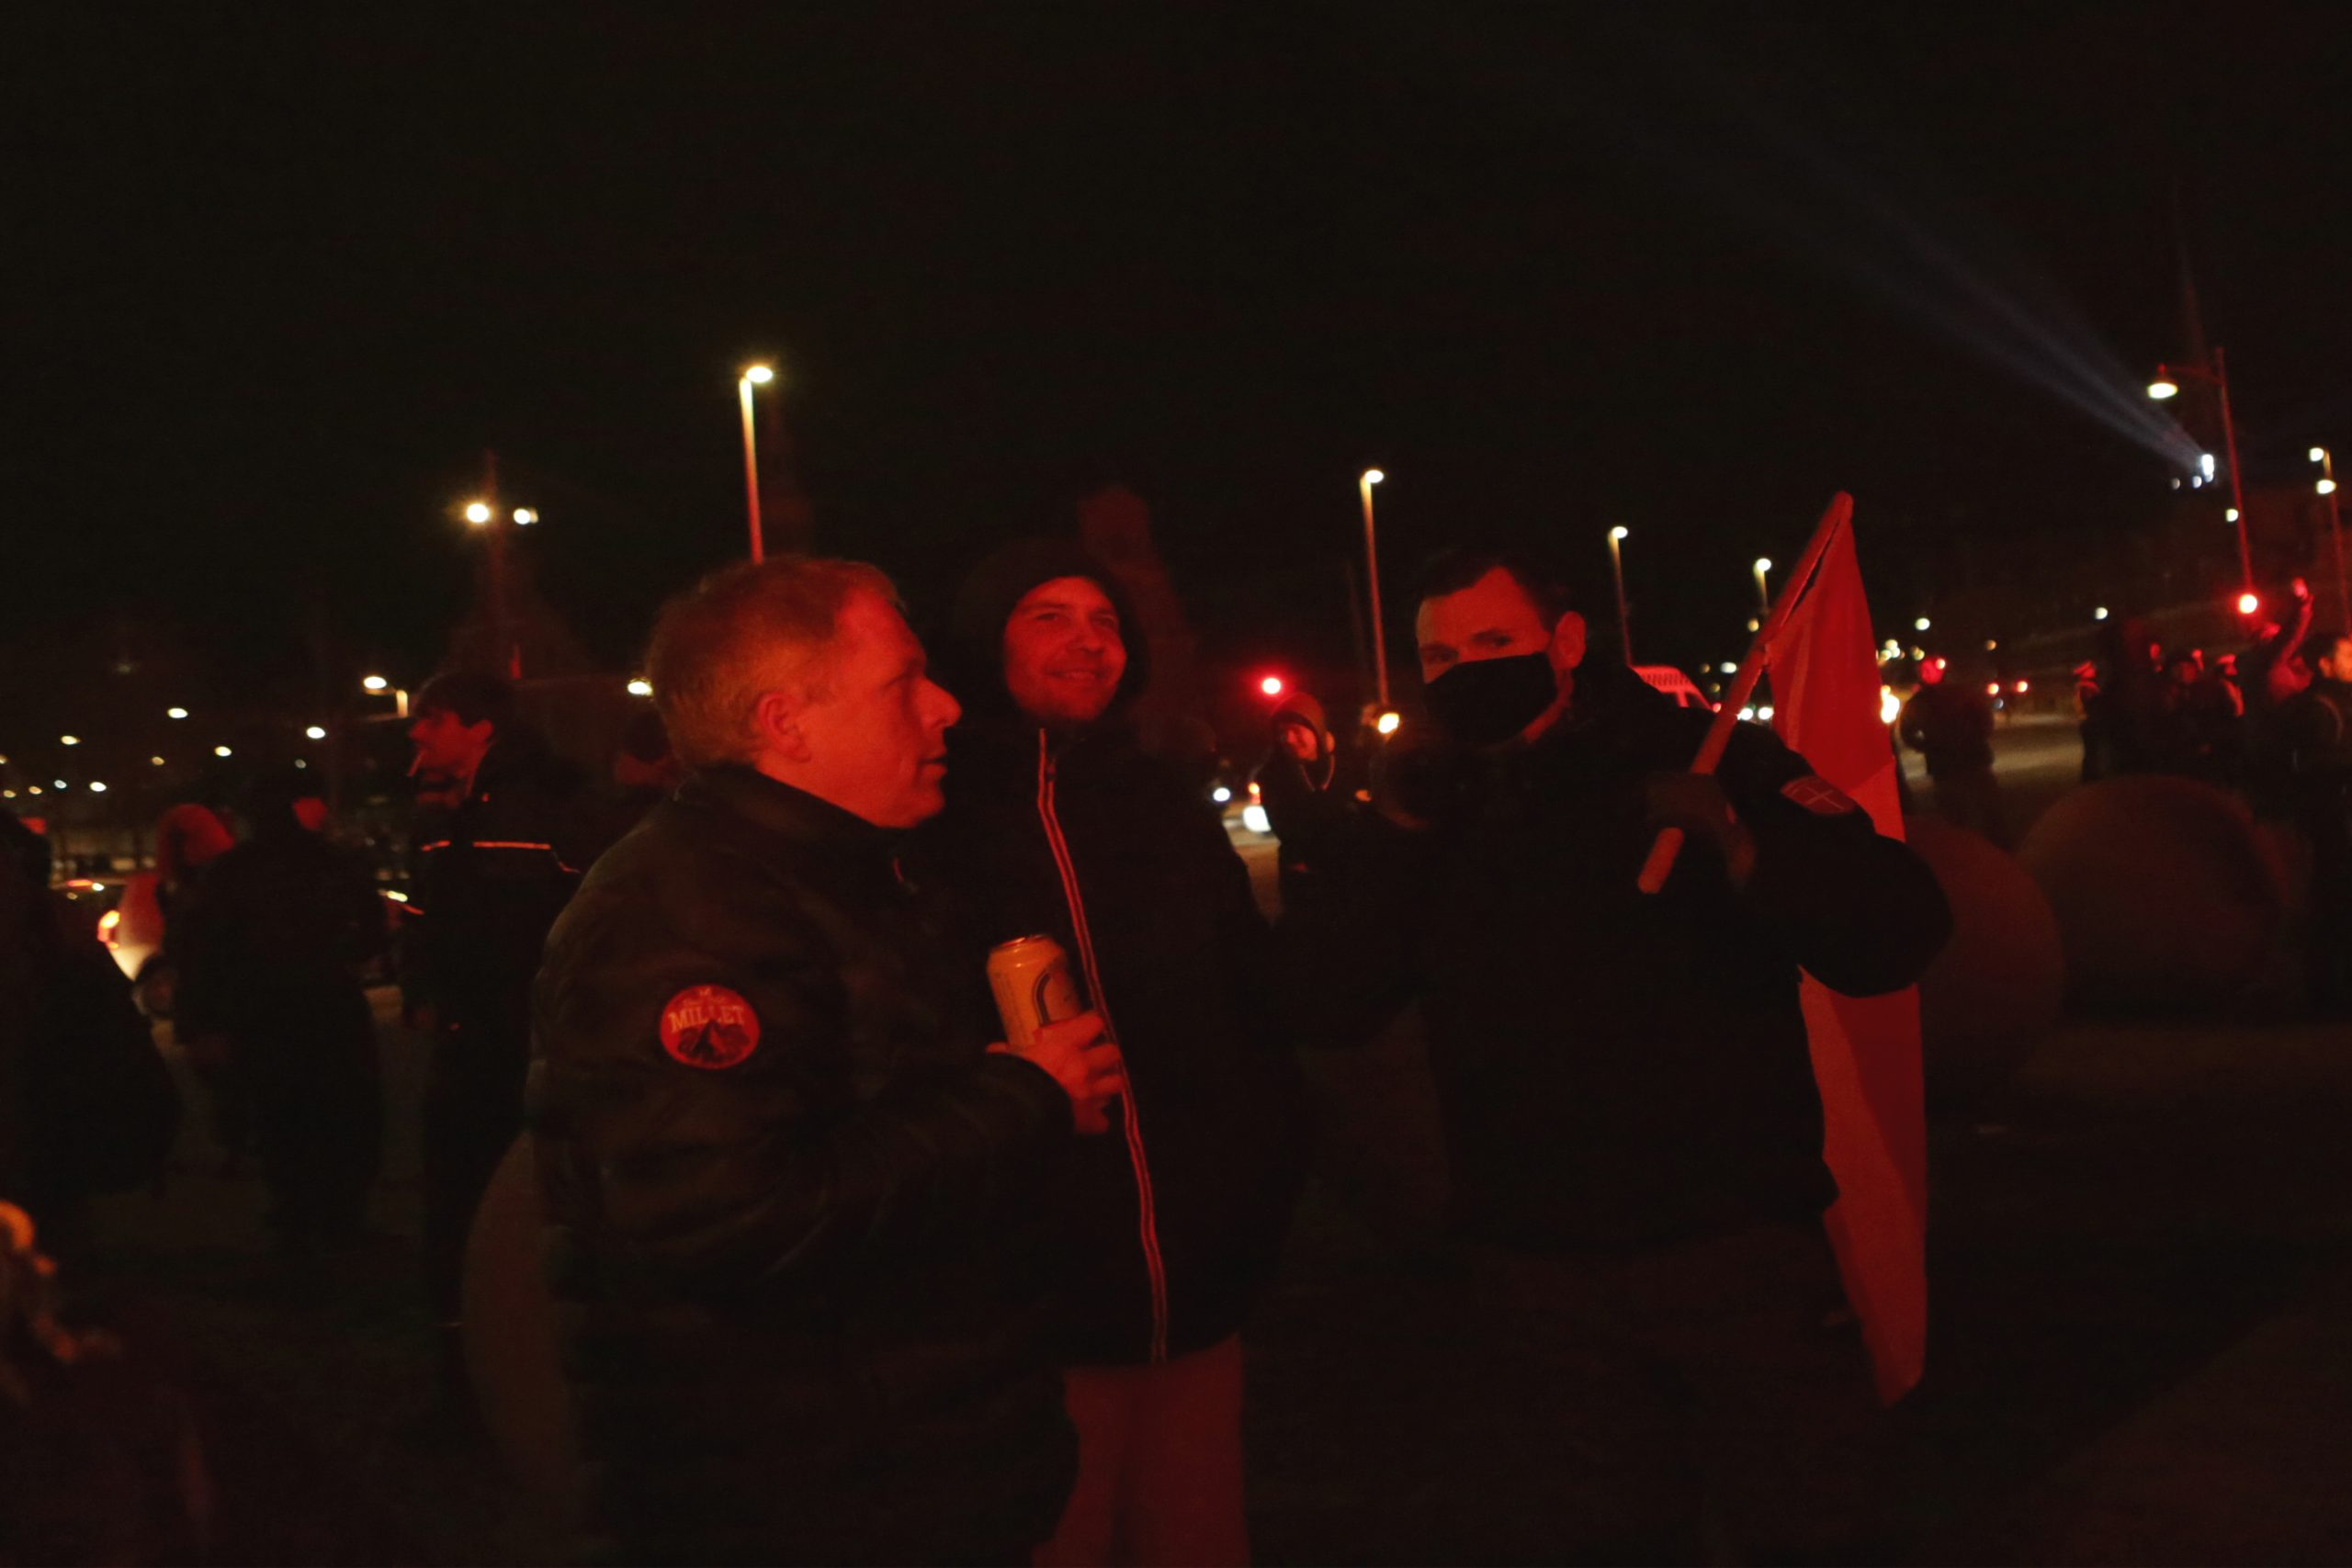 Ved demonstrationen havde den lille Alt-rigt gruppe medbragt deres eget Dannebrog, som de ivrigt flagede med. Andre 'Sigtyr' Mortensen ses her med flaget over skulderen. Foto: Redox.